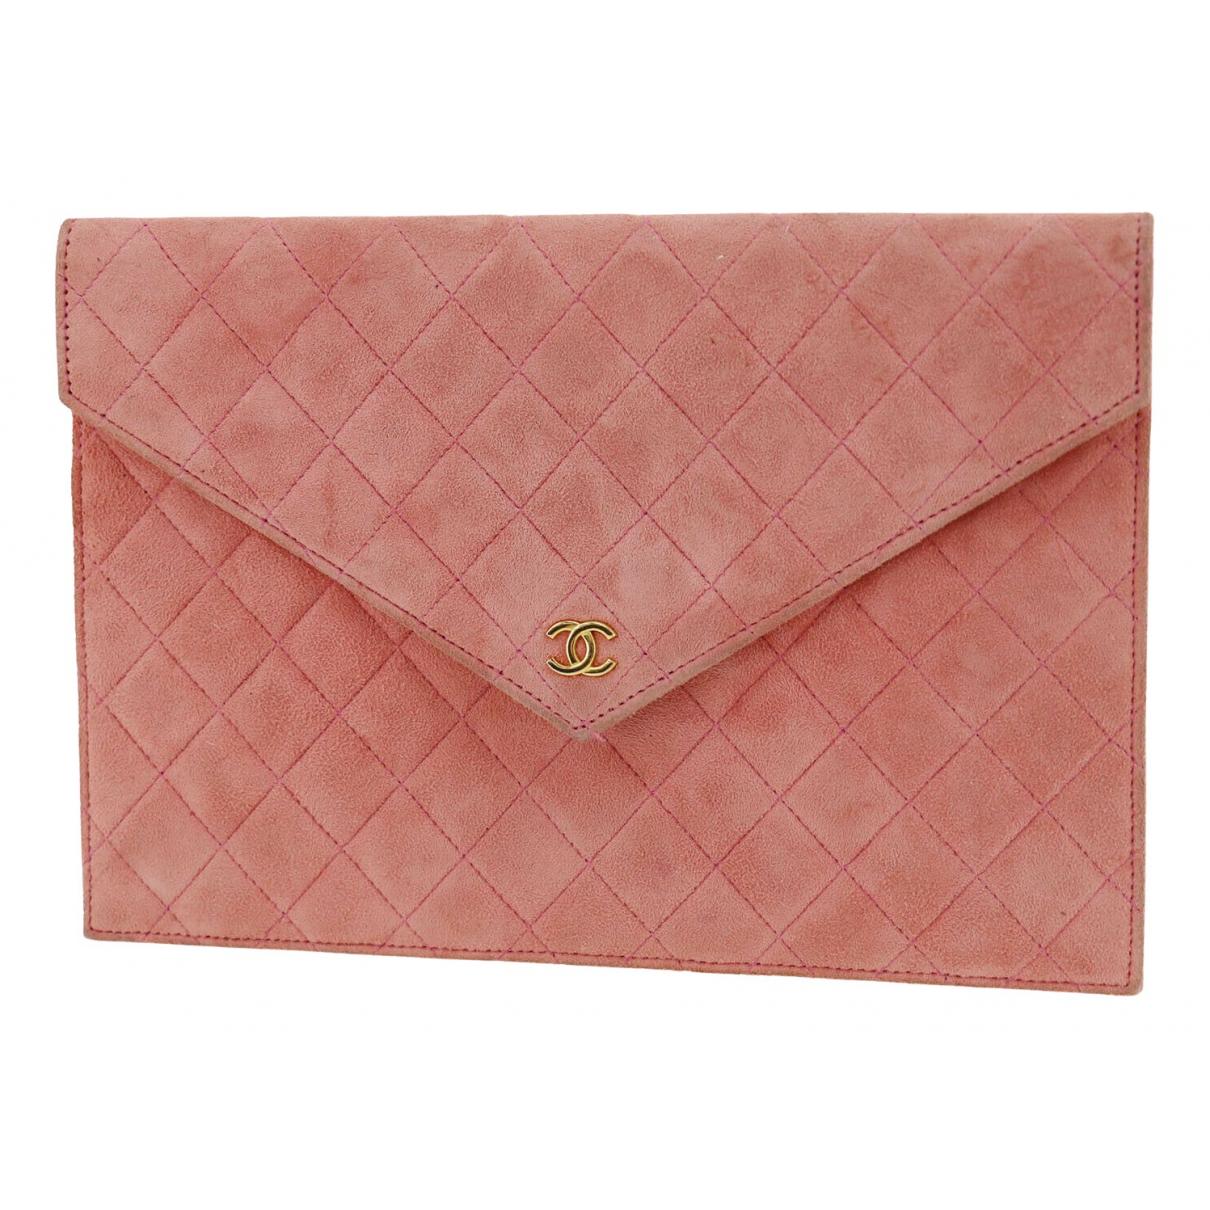 Bolsos clutch en Ante Rosa Chanel